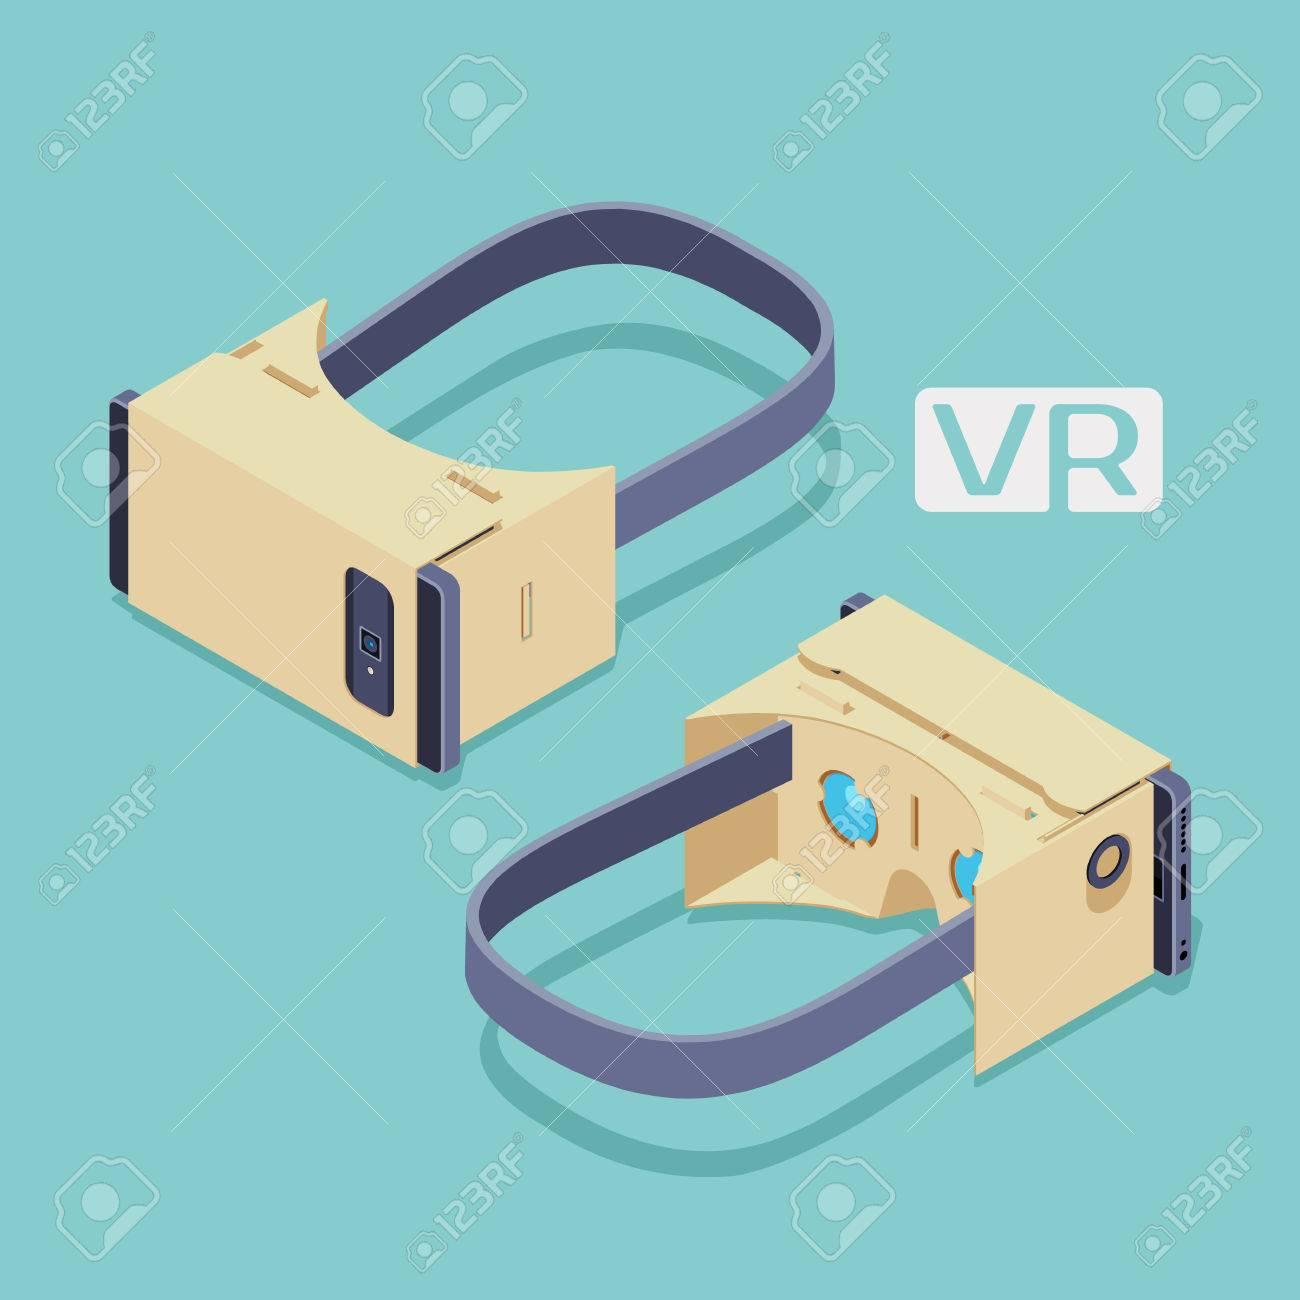 Conjunto de los de cartón isométrica auriculares de realidad virtual. Los objetos están aislados sobre el fondo verde azulado y se muestran por dos